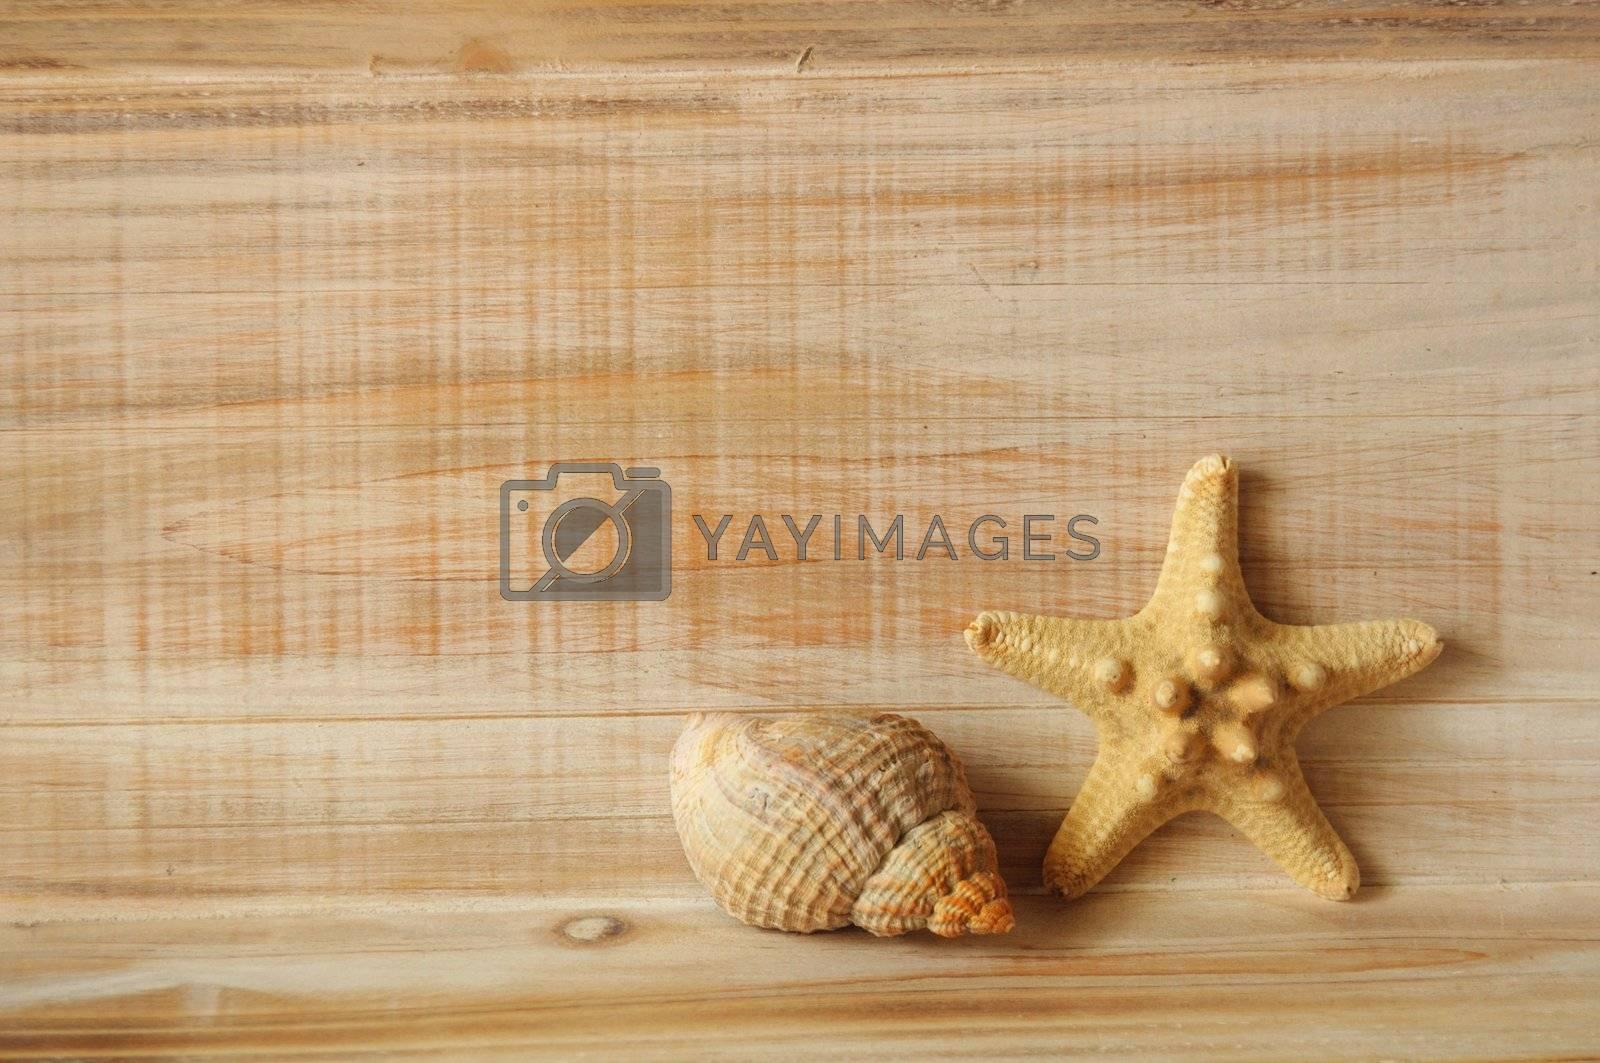 Royalty free image of star fish by gunnar3000